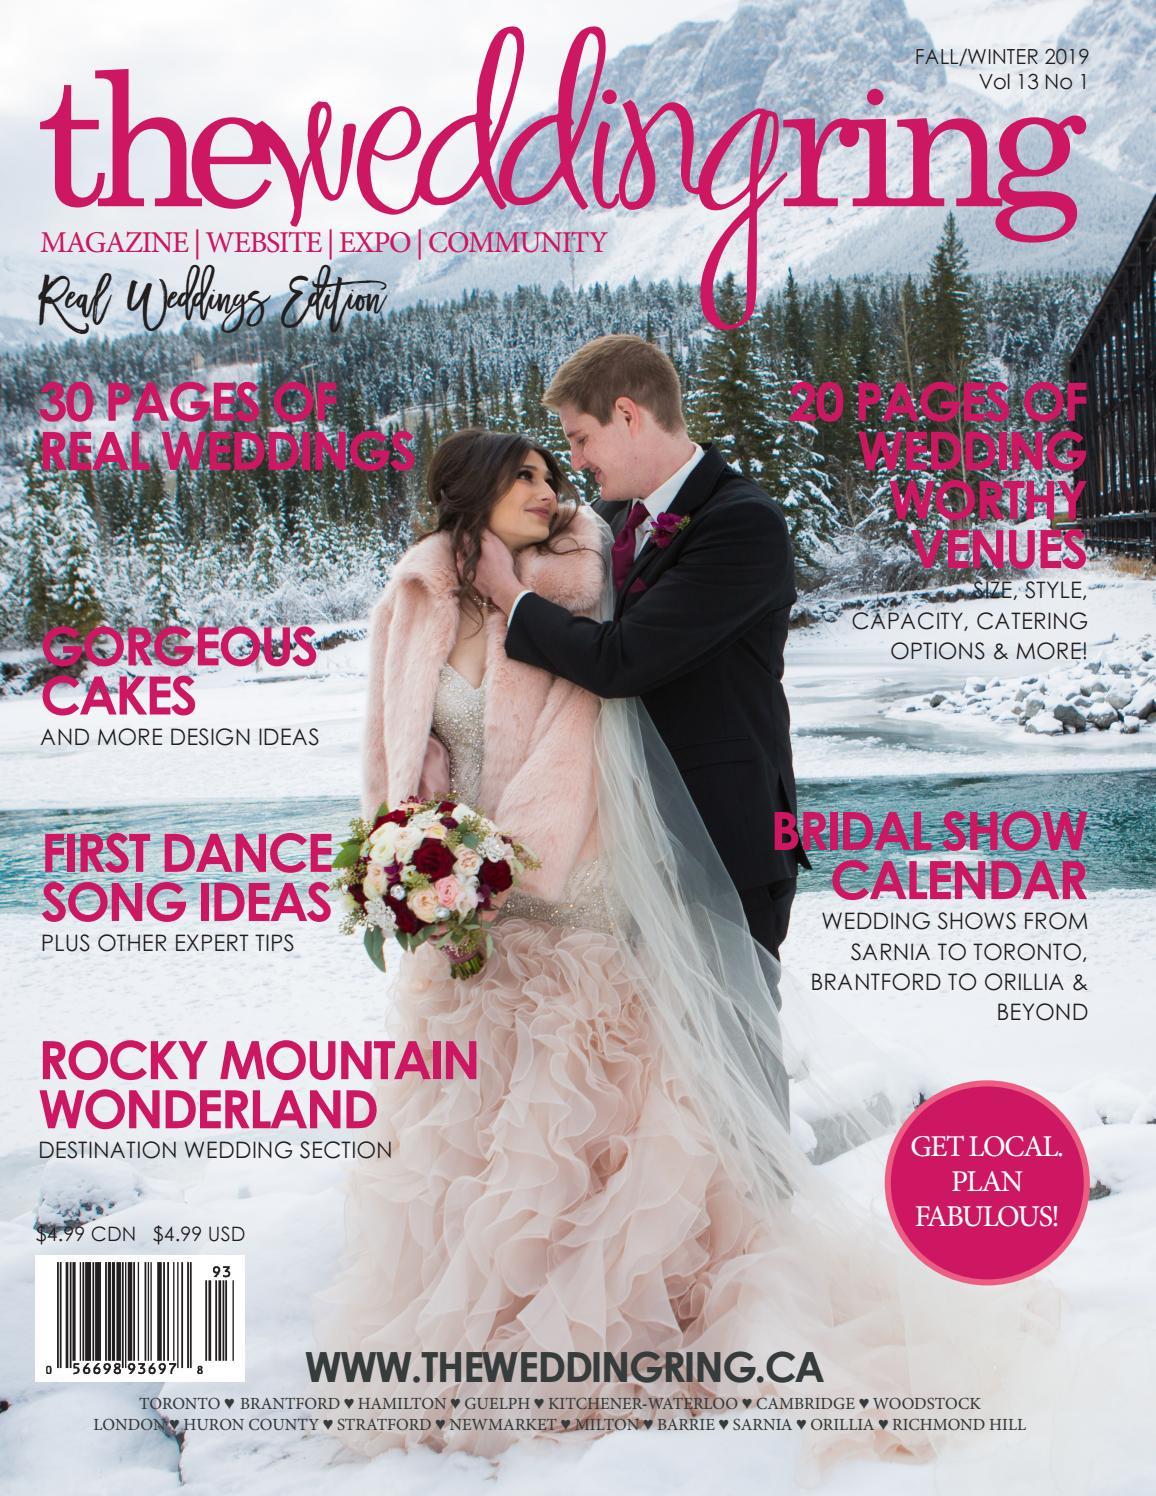 vintage wedding cake slice server by Community New in package 9 34  wedding bells cross wedding rings